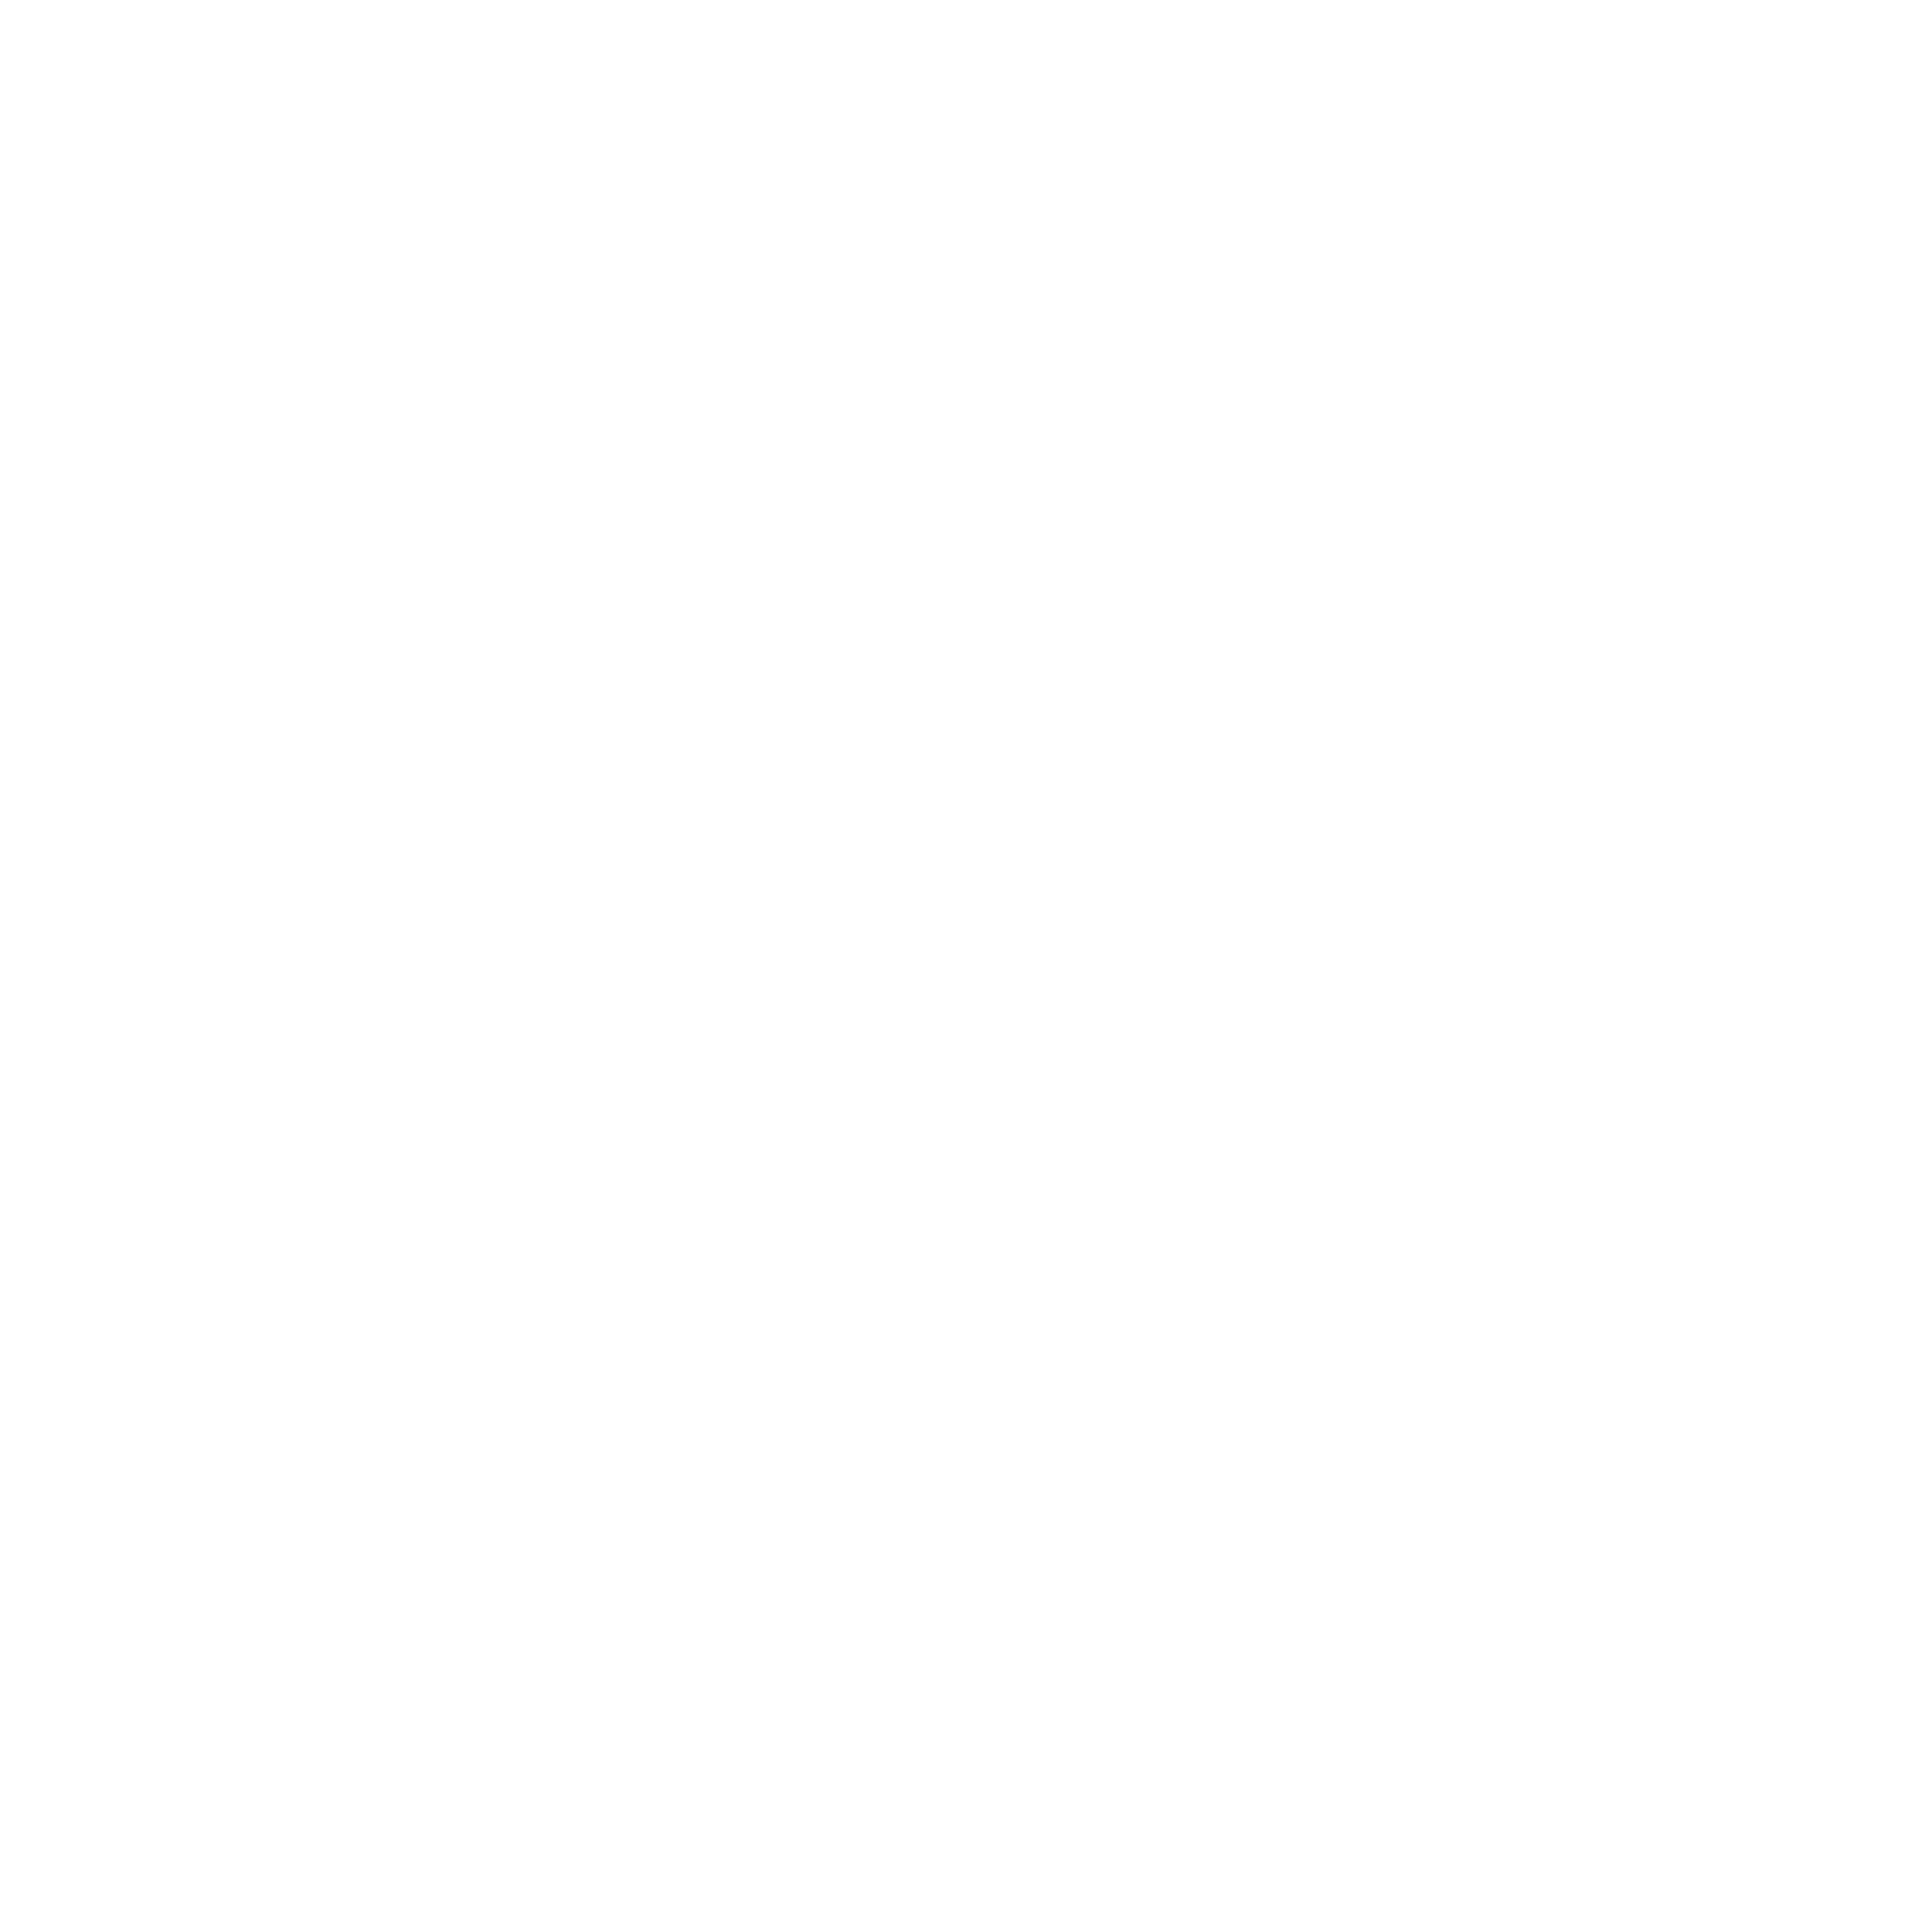 臺灣團結聯盟